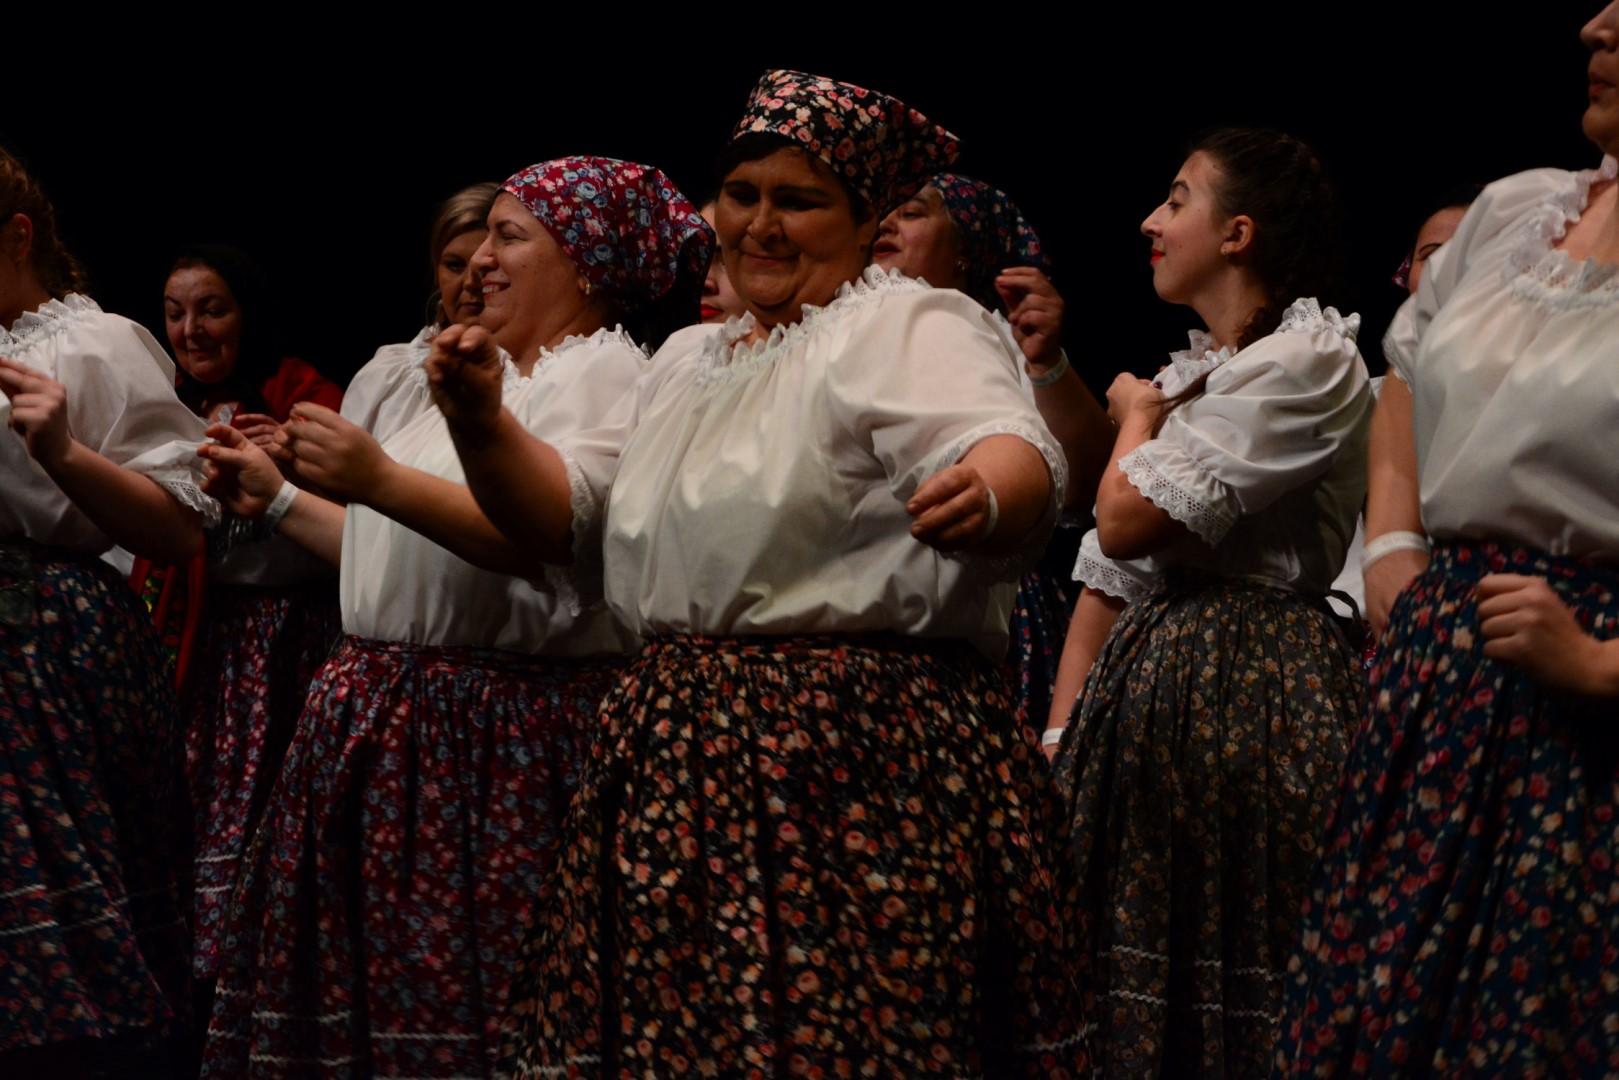 Rétközi Pacsirták Amatőr Művészeti Csoport: A vásár – népi komédia (Rétközberencs, Szabolcs-Szatmár-Bereg megye)